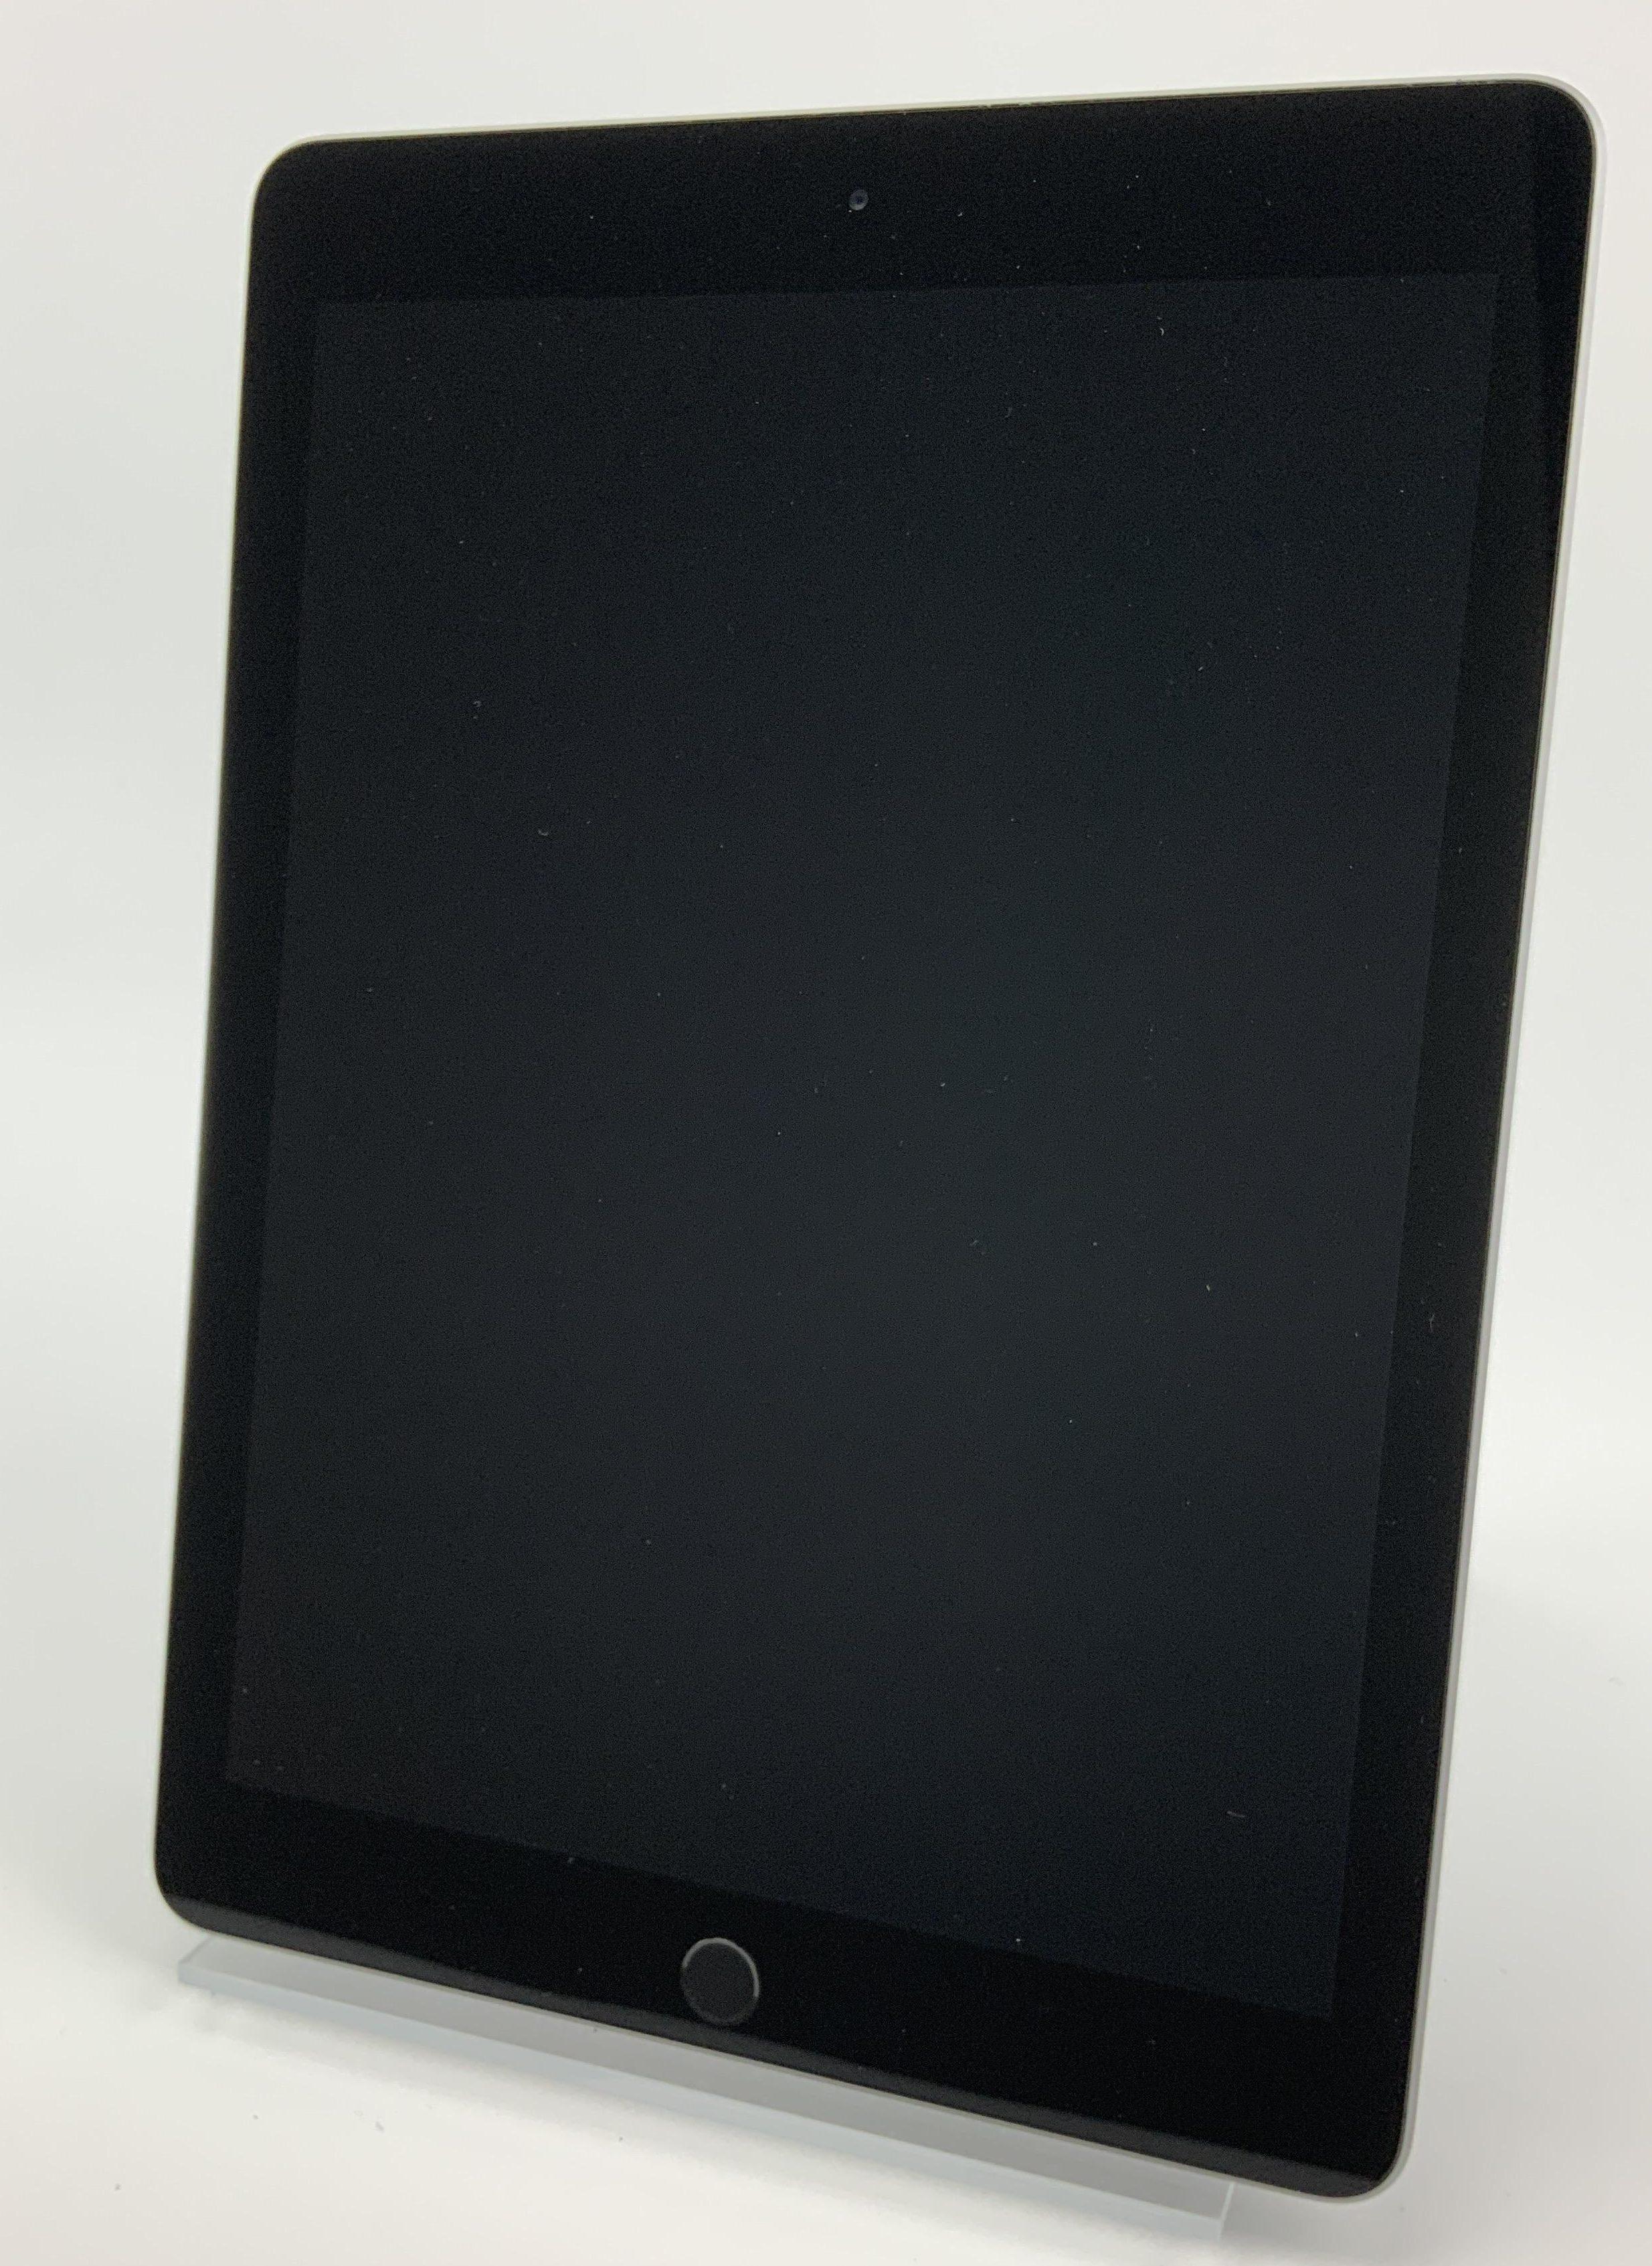 iPad 6 Wi-Fi 128GB, 128GB, Space Gray, image 1